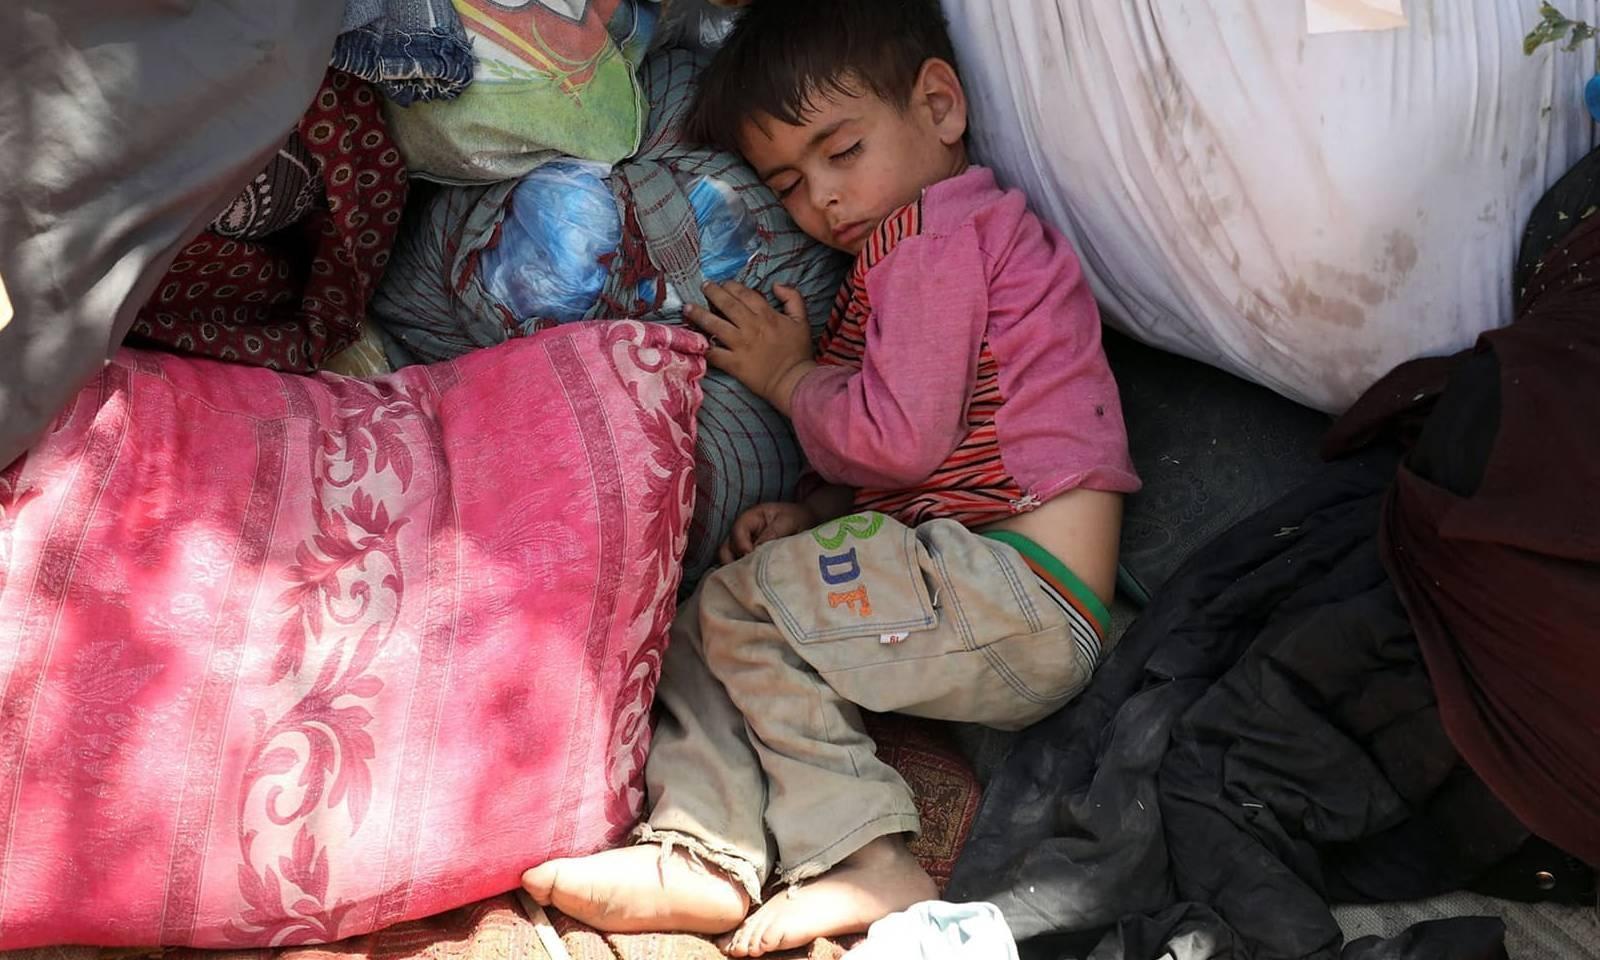 افغانستان کے شمالی صوبوں میں جھڑپوں کے دوران بے گھر ہونے والا بچہ ایک پارک میں سورہا ہے —فوٹو: اے ایف پی